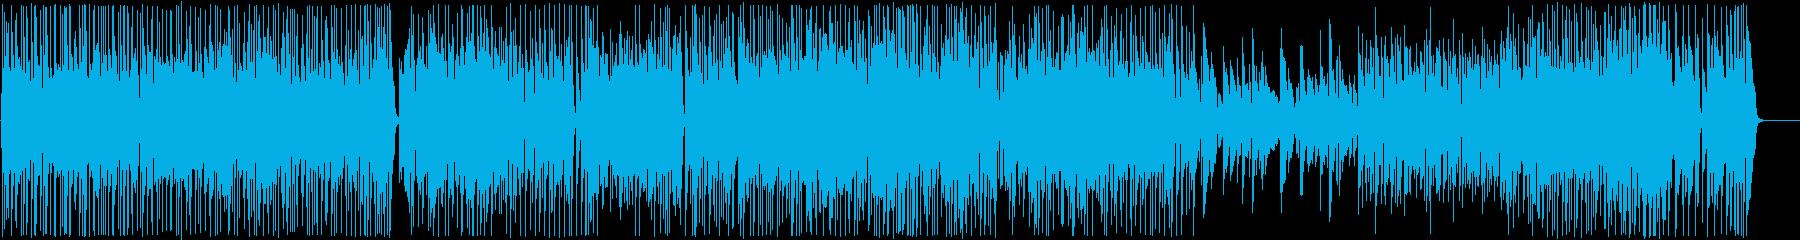 アコースティックギター、ベース、ド...の再生済みの波形